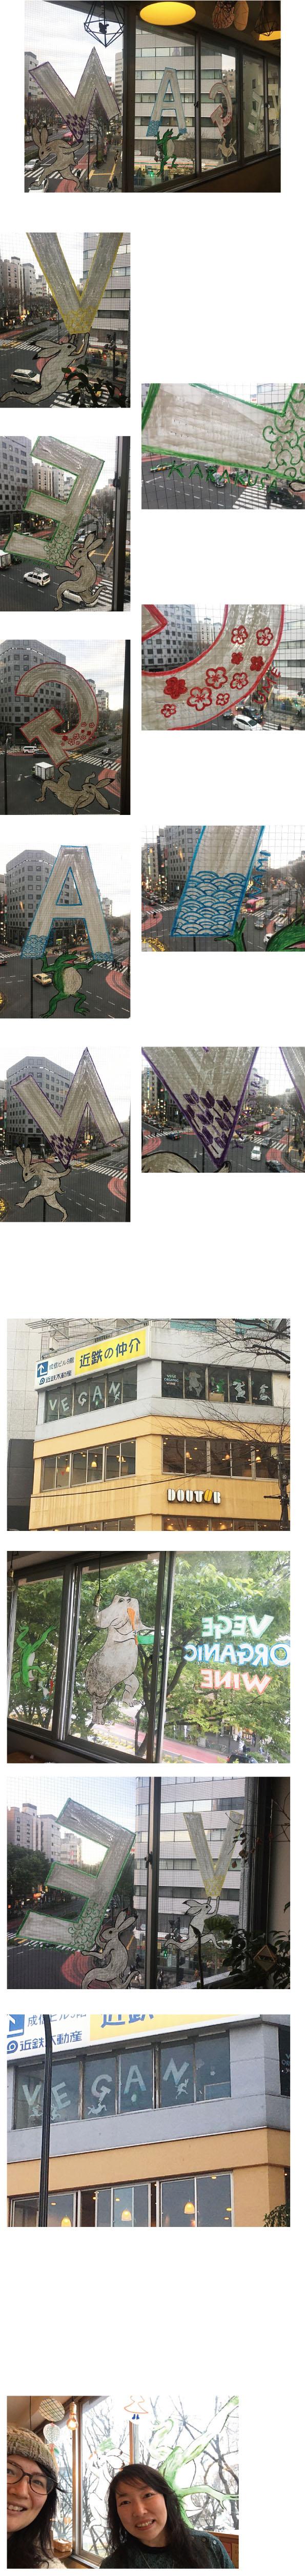 slowfood & wine Kiboko(キボコ)ウインドーギャラリー第3弾 平戸香代さんの「鳥獣vegan」(2019年1月16日〜)